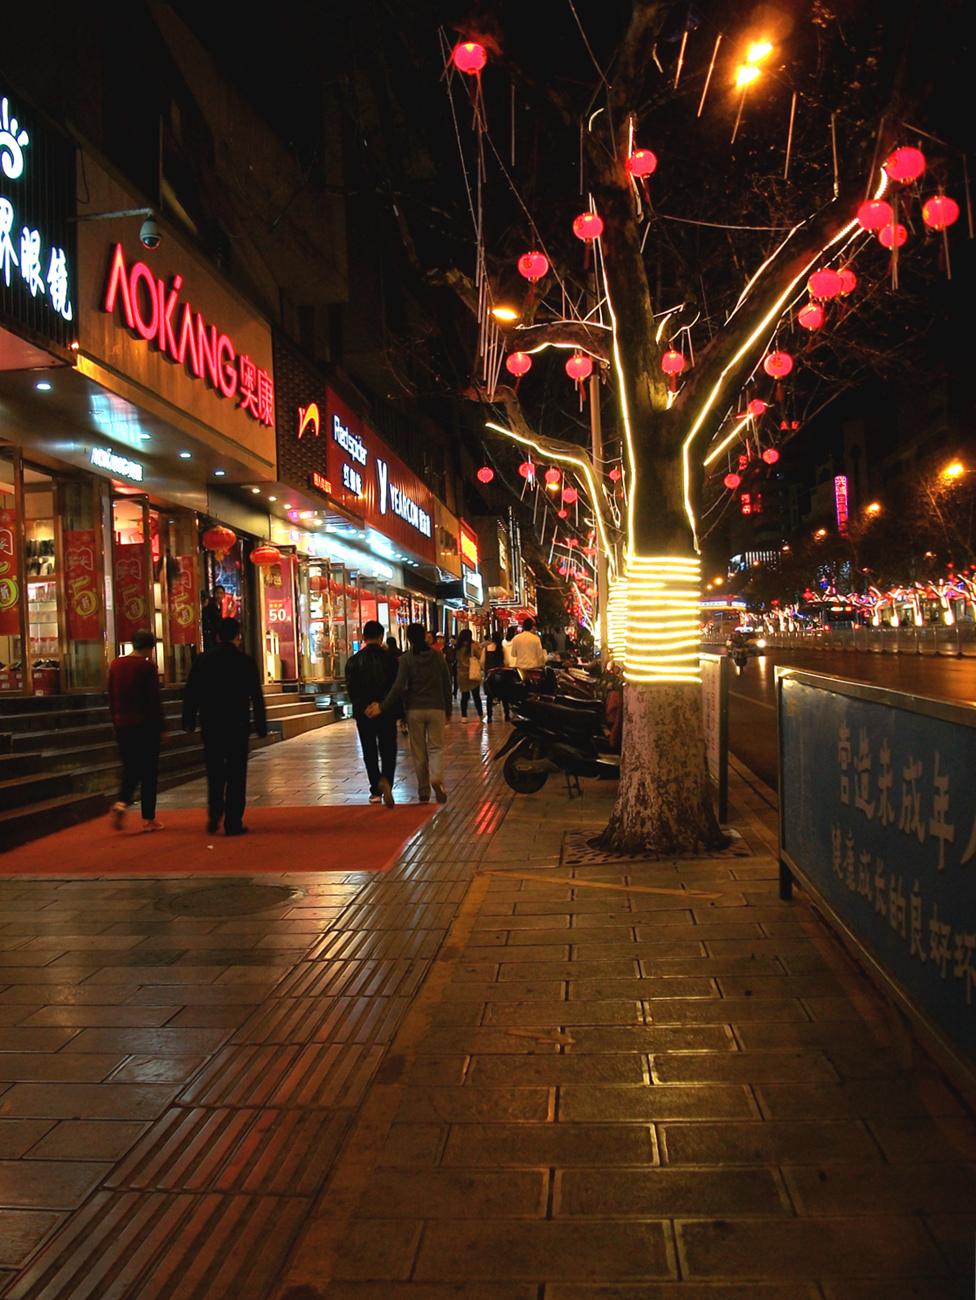 菠萝菠萝蜜蜂作品:夜晚的街头